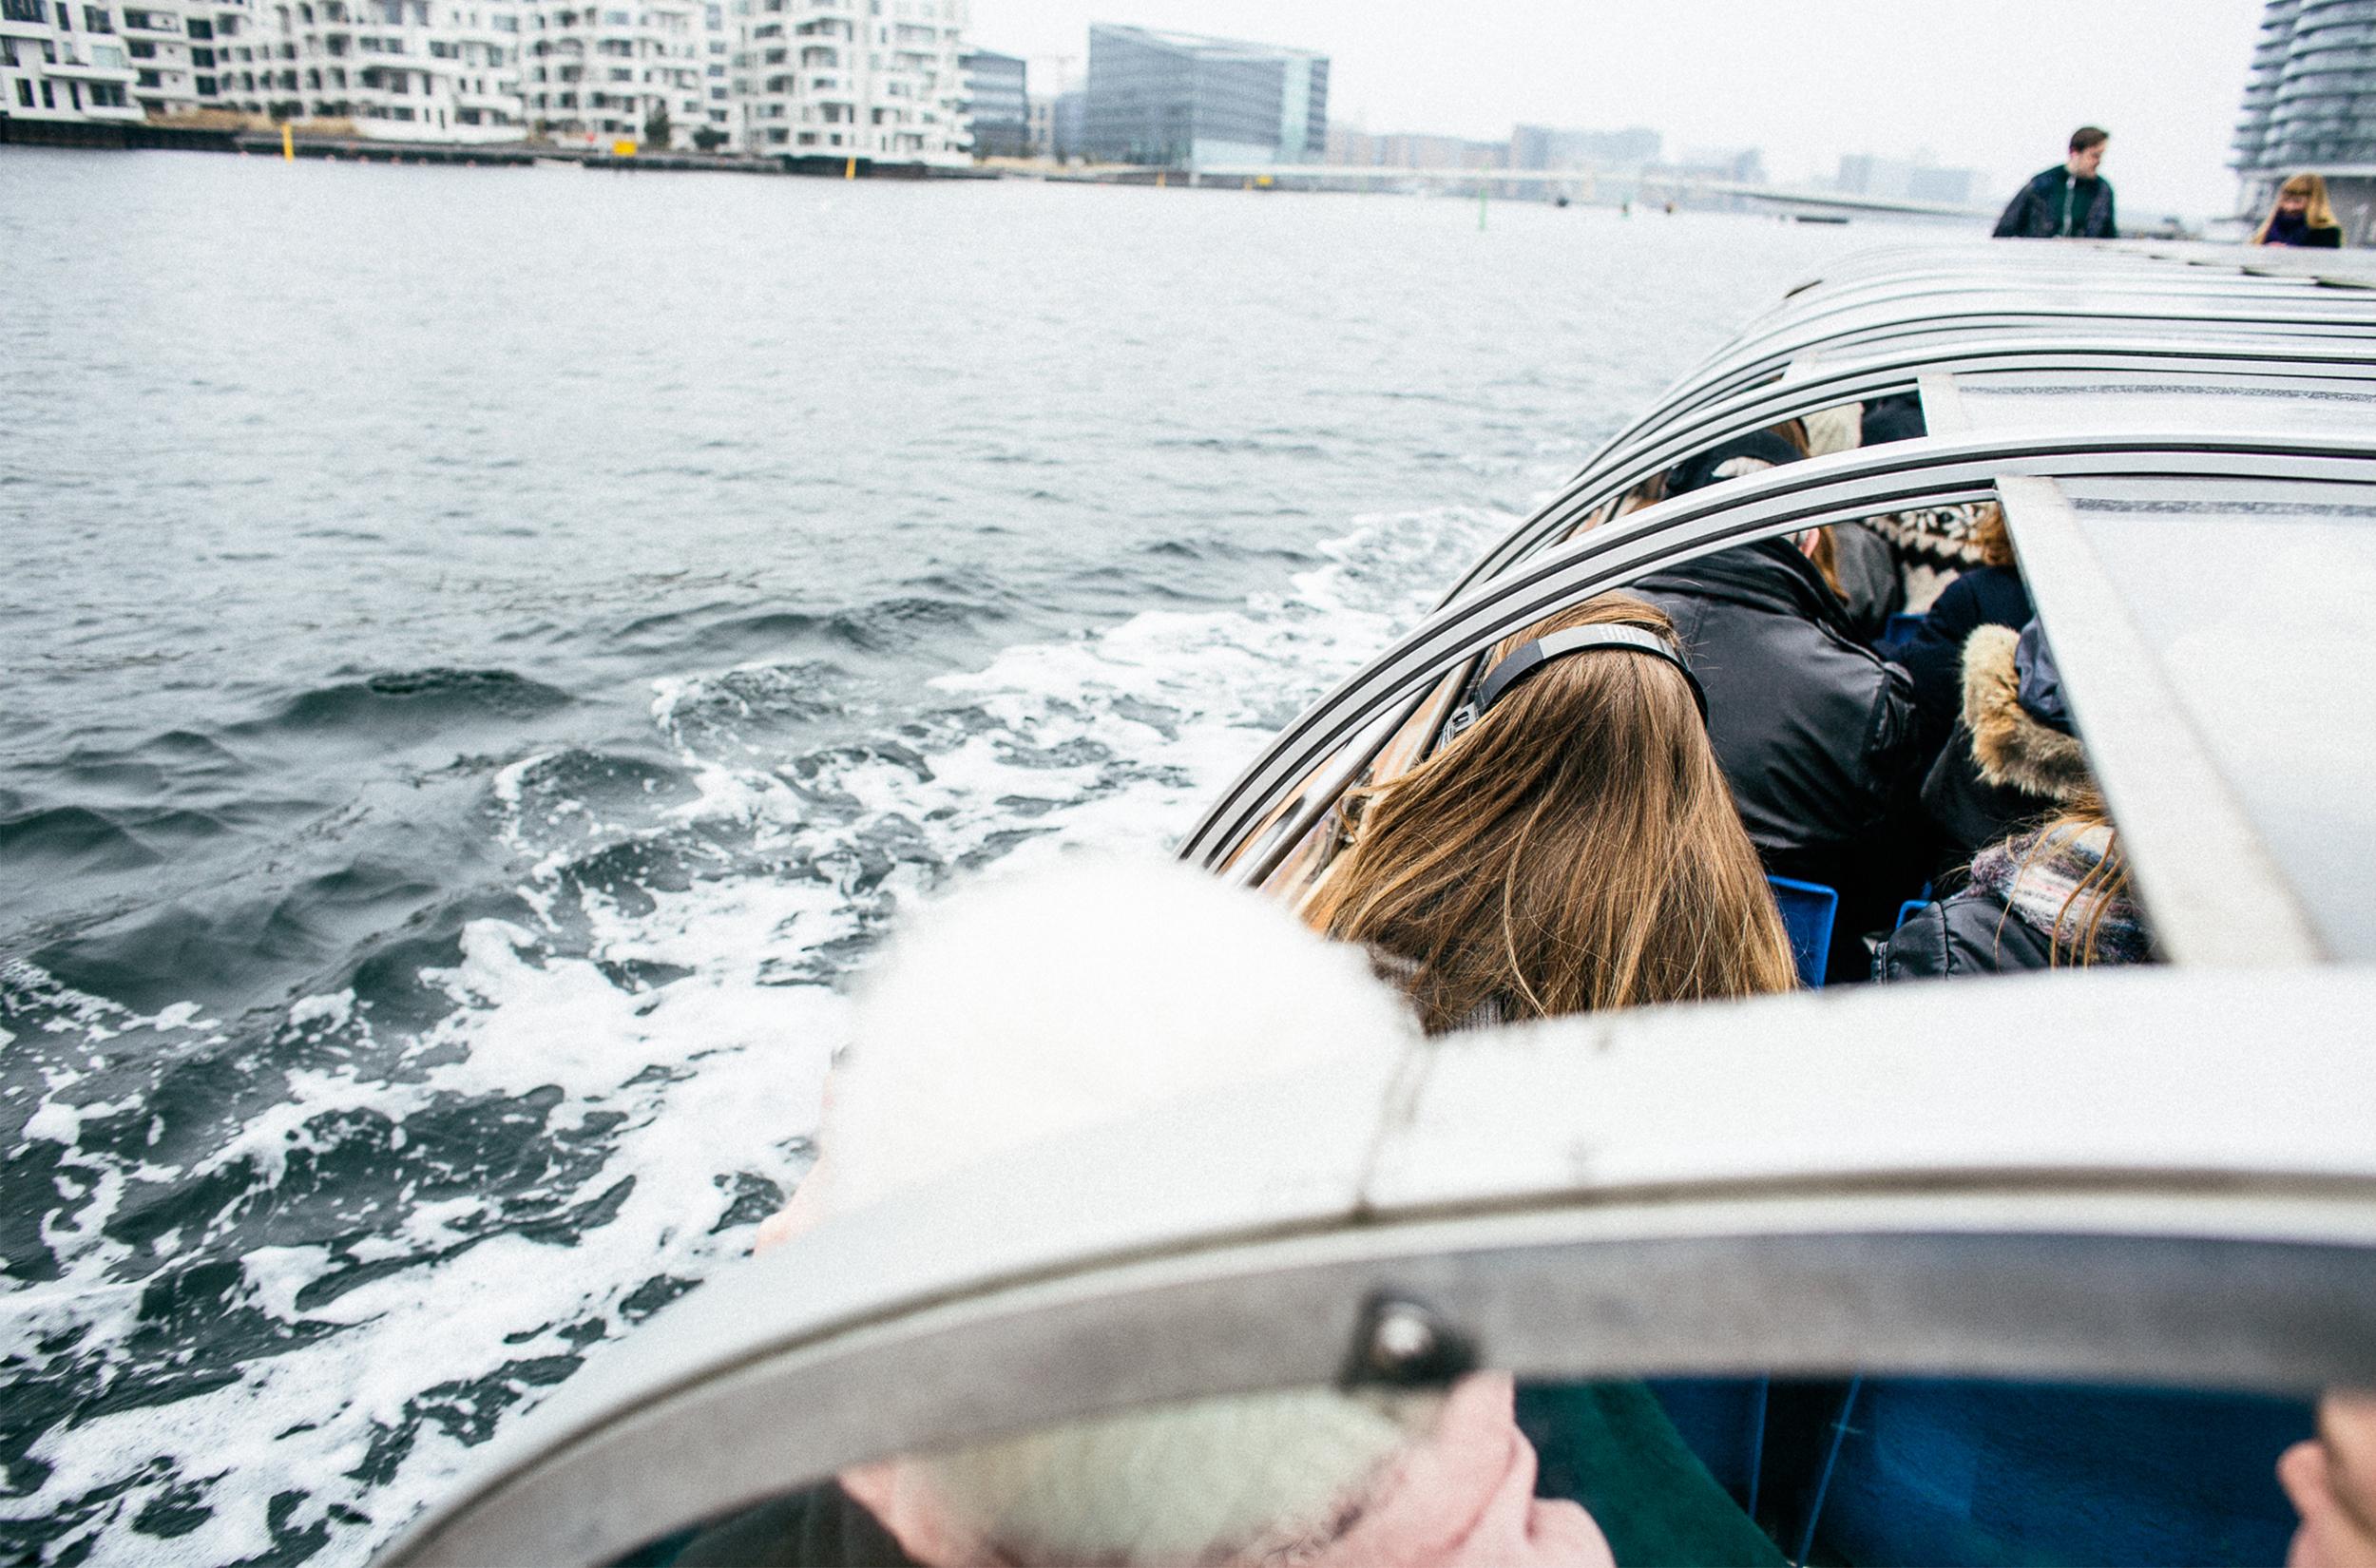 Lyt til Sydhavnen / Foto: Malthe Ivarsson